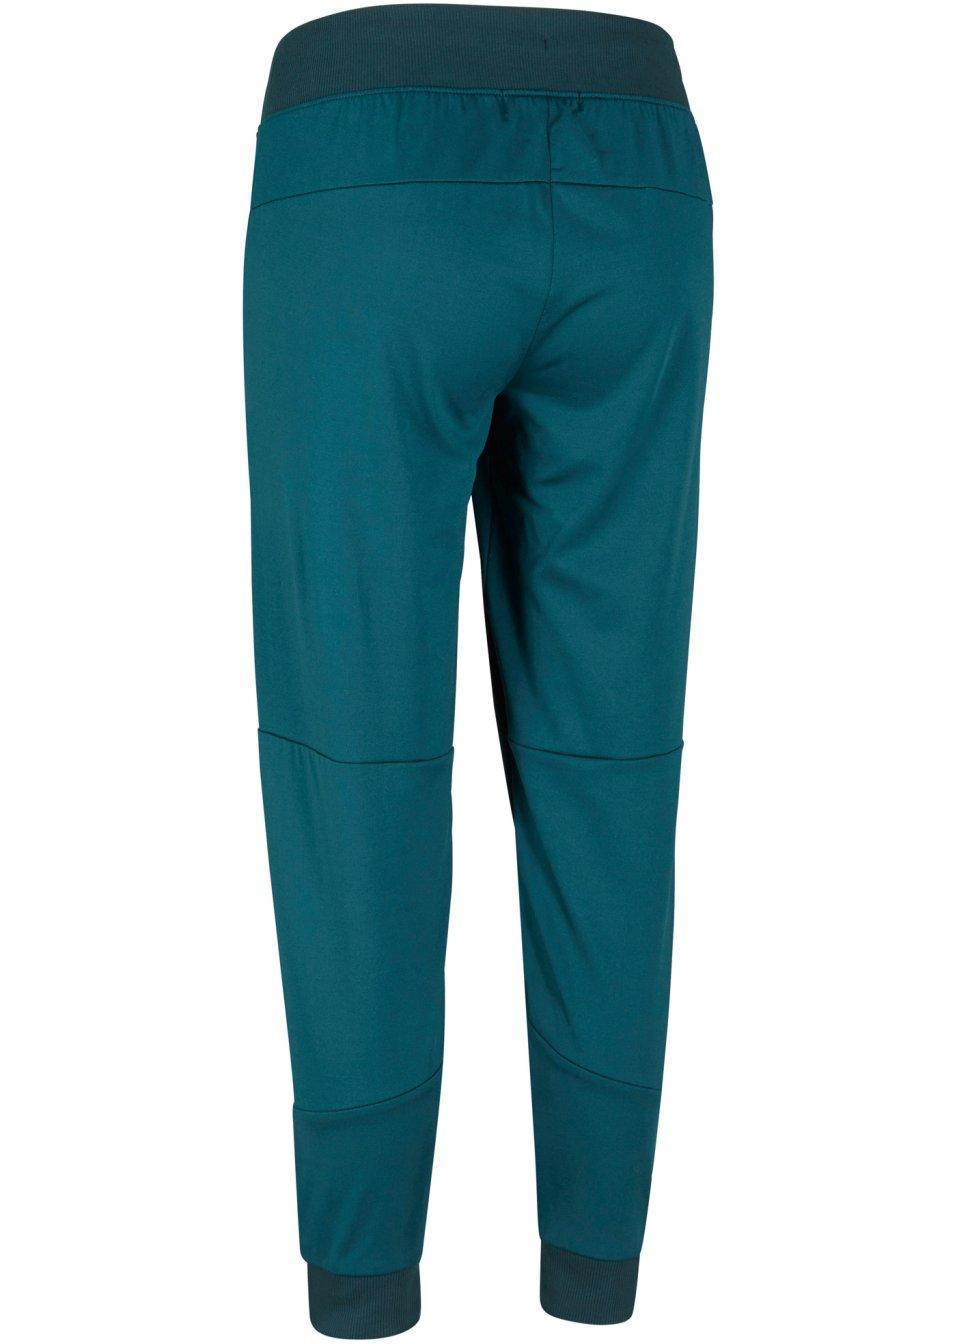 Mode Femme Vêtements DJLfdOFlkj Pantalon de jogging fonctionnel, 7/8, niveau 2 vert pétrole bpc  collection .fr